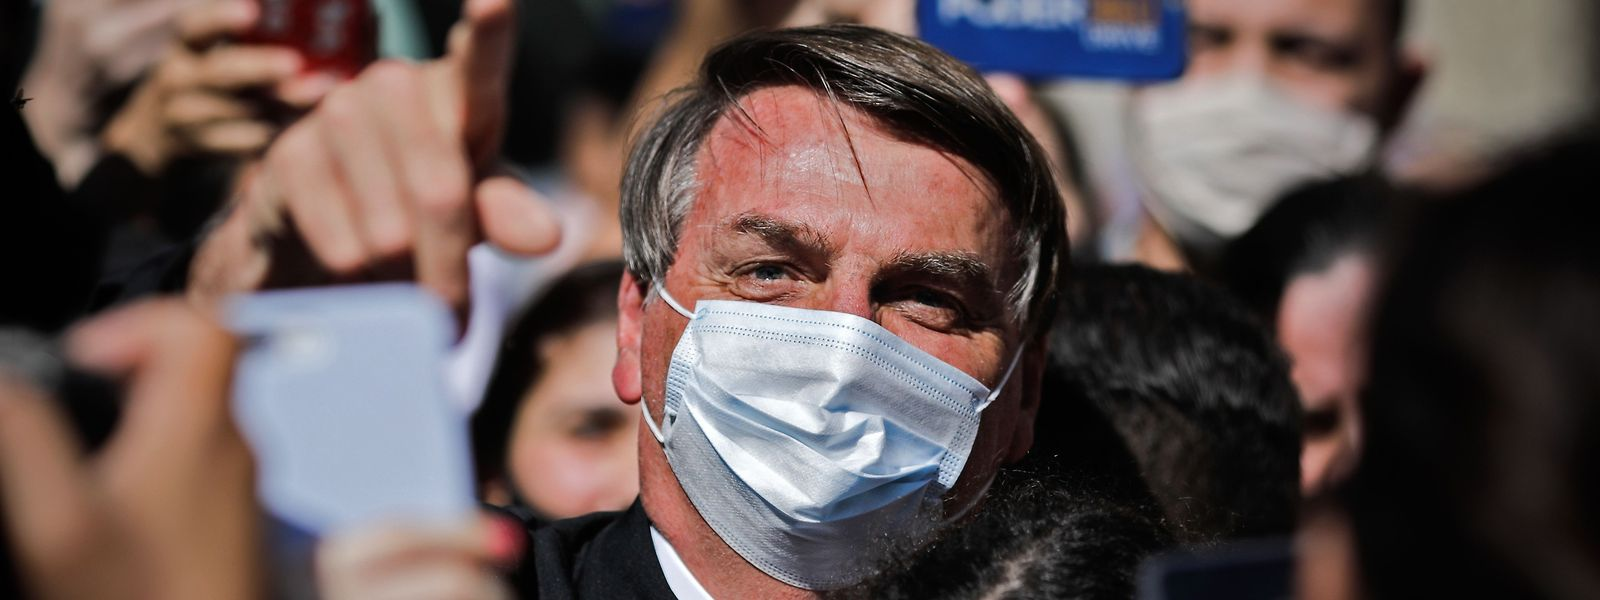 Jair Bolsonaro bei einer Kundgebung von Parteianhängern.